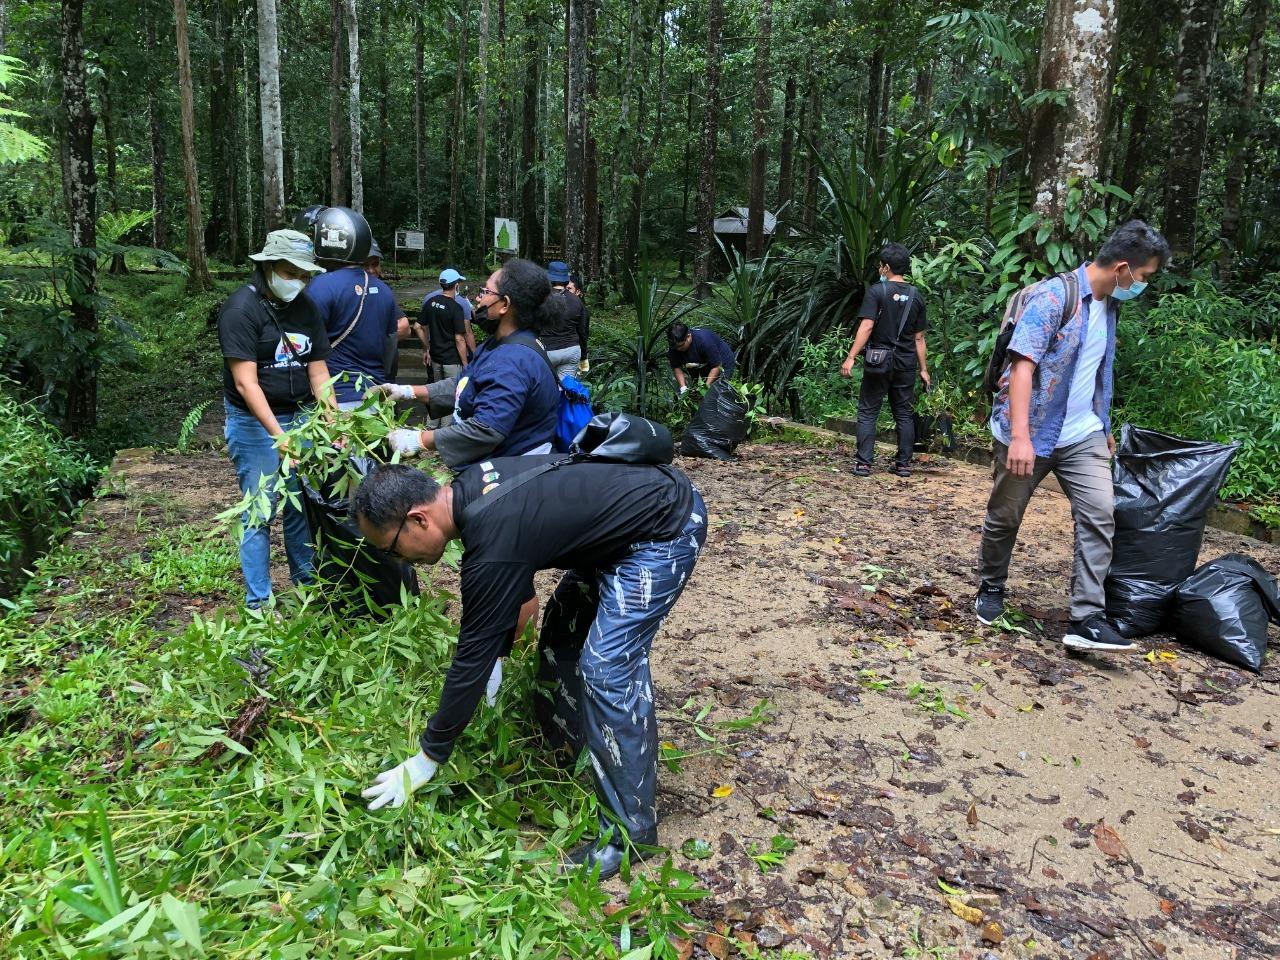 BBKSDA PB Bersama Mitra Bersihkan Taman Wisata Alam Sorong, 90 Karung Sampah Dikumpulkan 2 IMG 20210918 WA0061 1